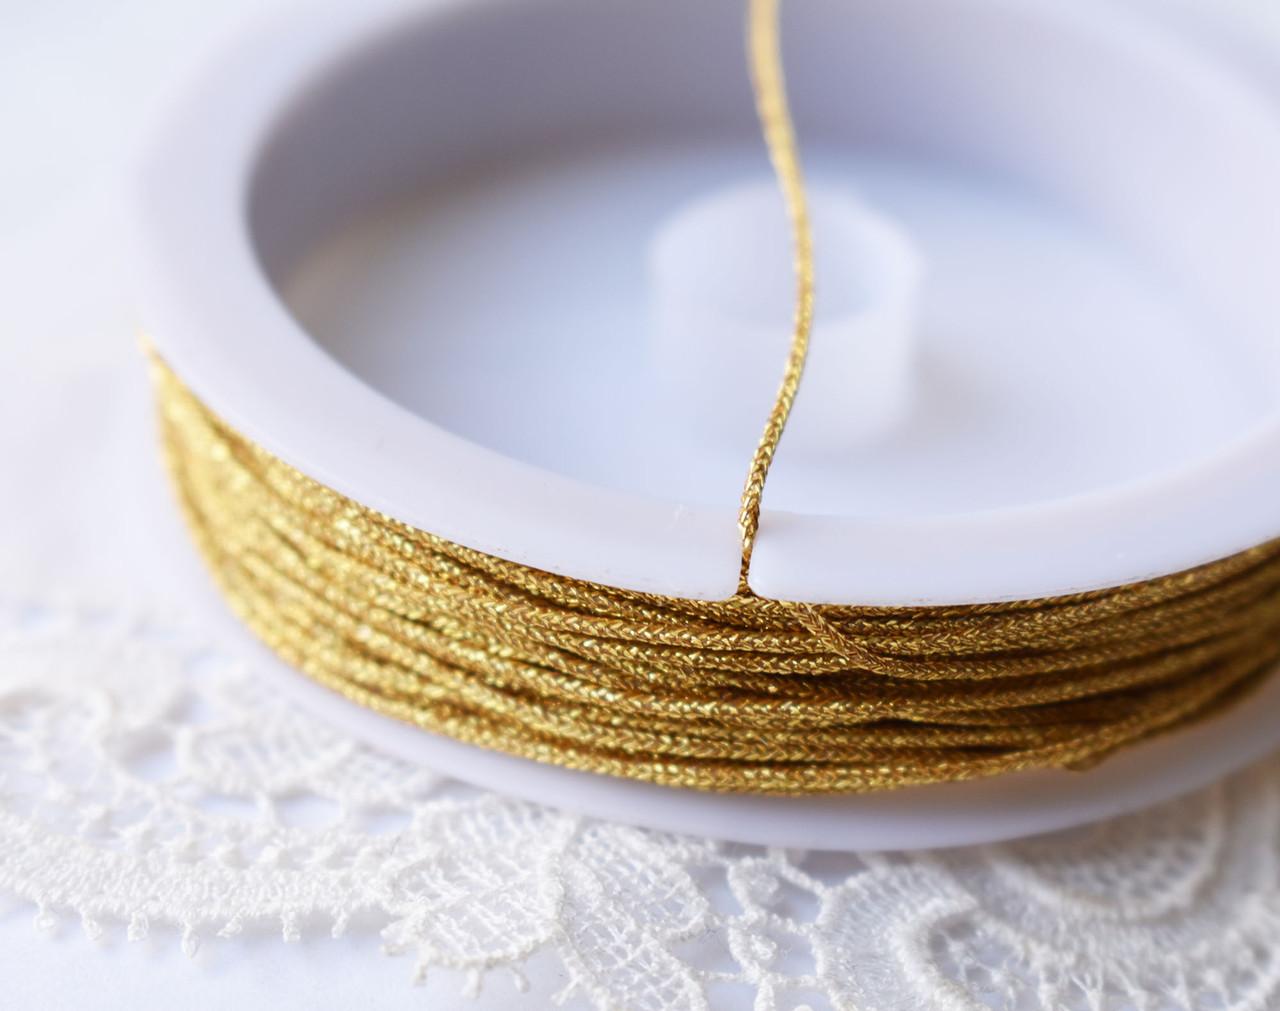 Шнур металізований плетений, 0,8 мм, 1 м, золотистий